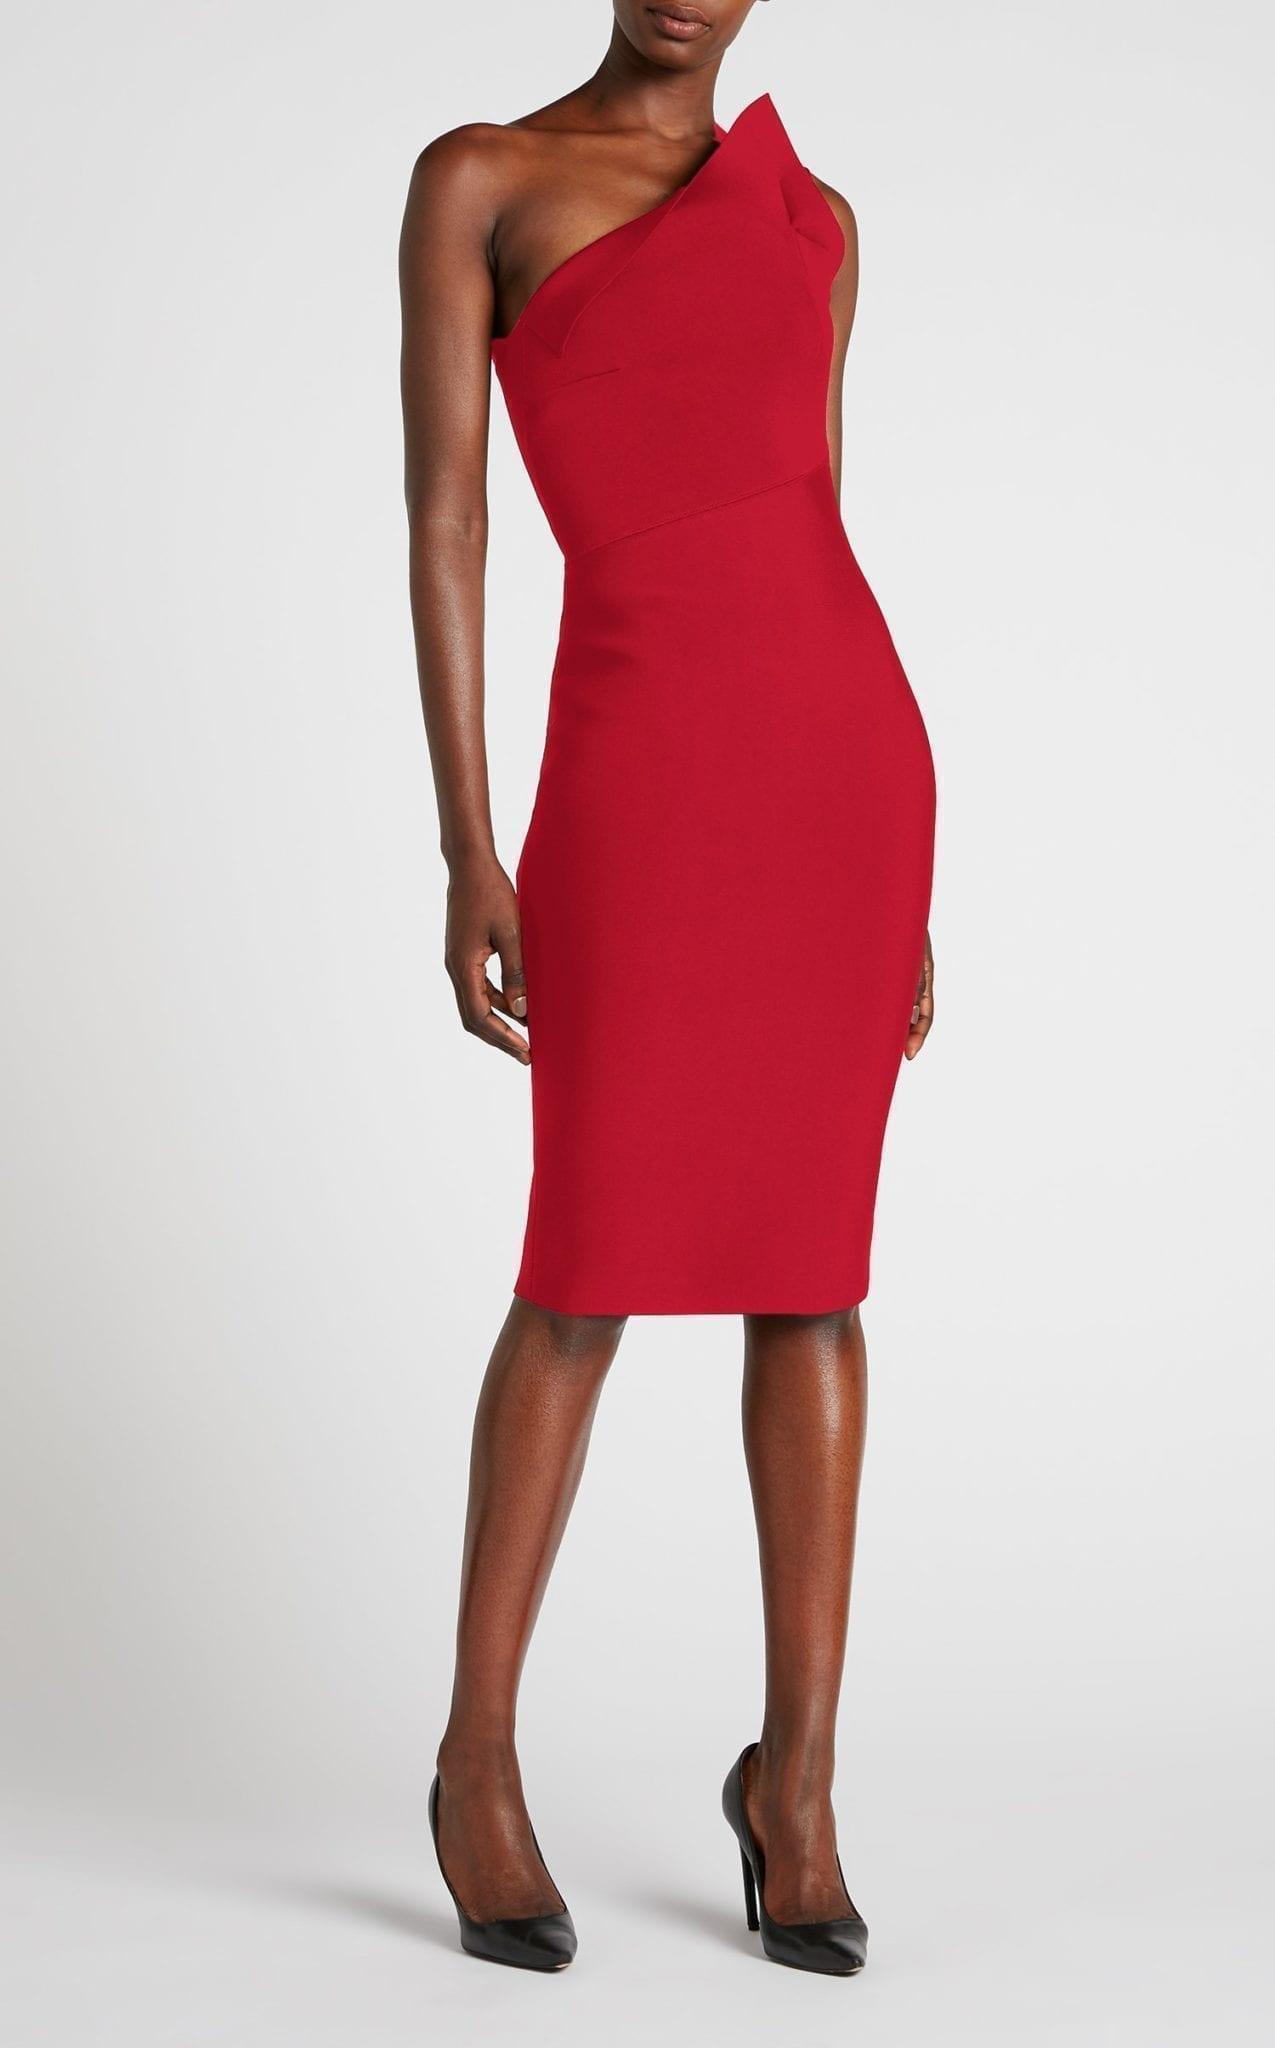 93d5ae3eabd ROLAND MOURET Hepburn Red Dress - We Select Dresses